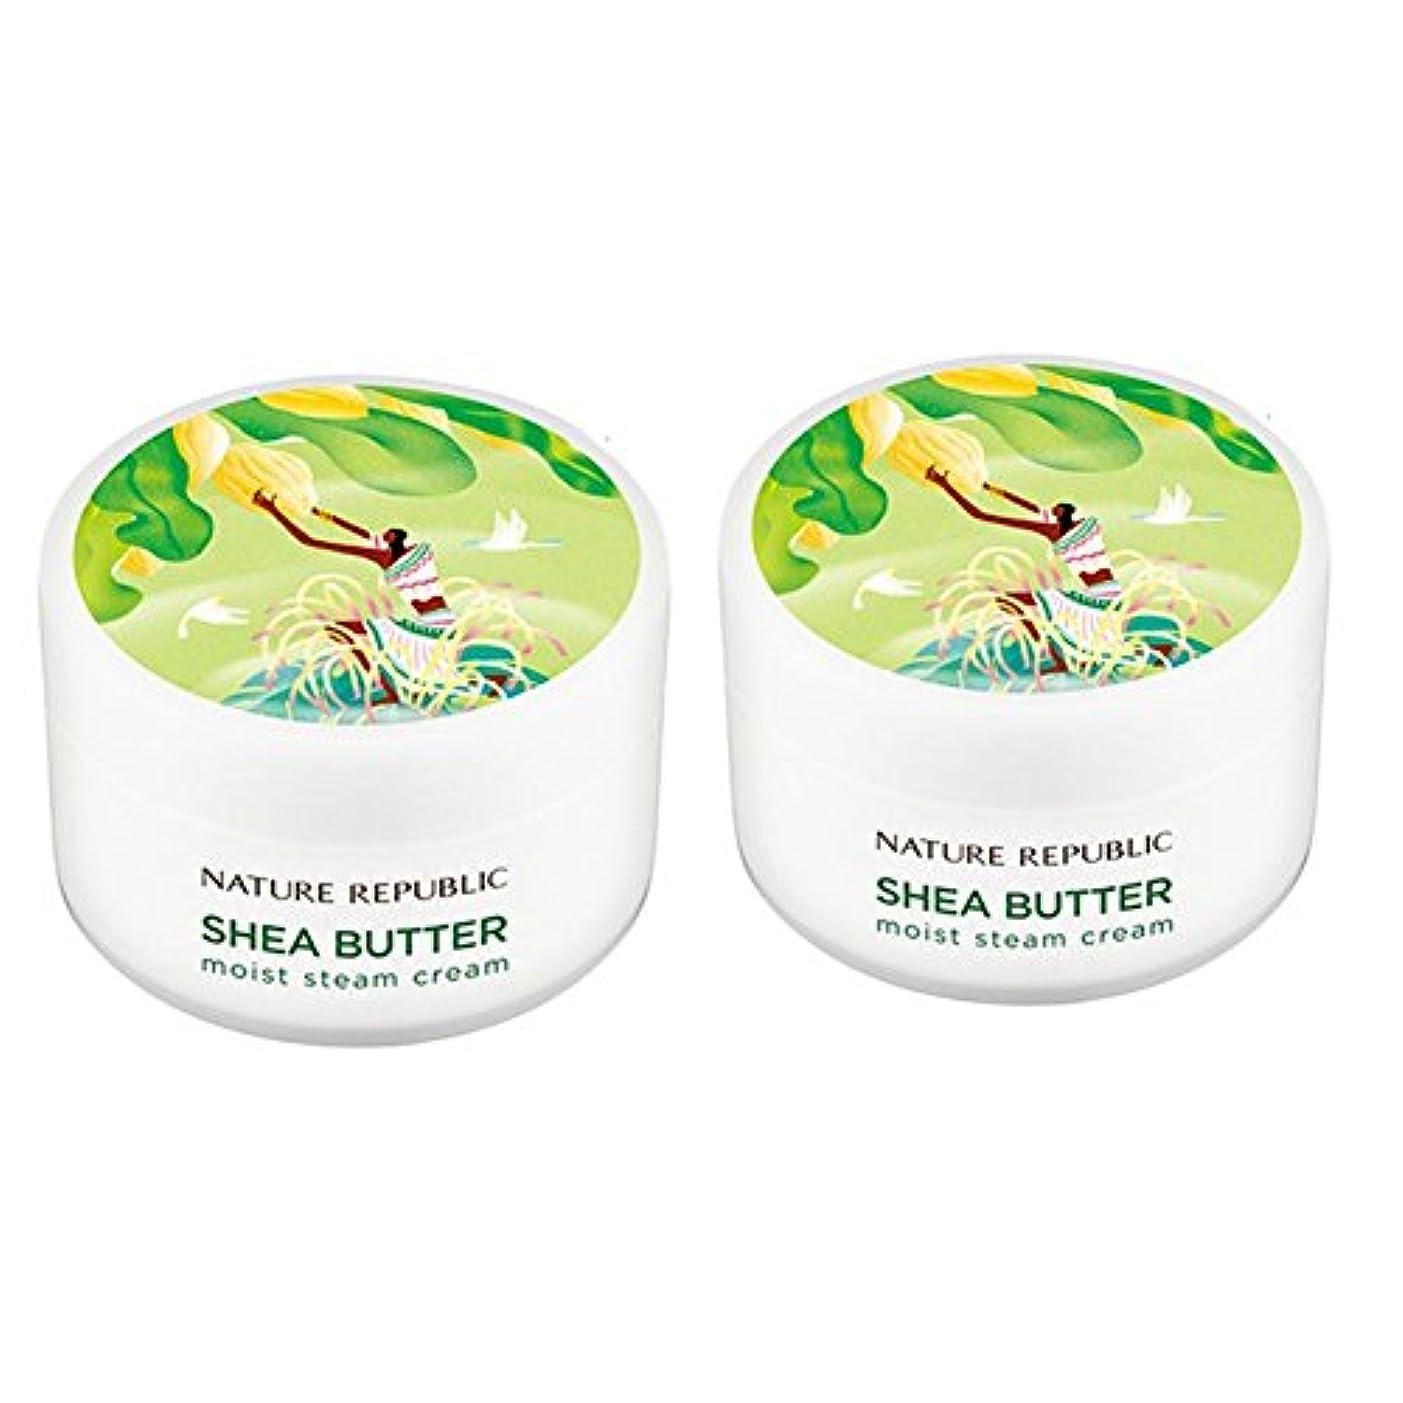 賞シングルアクティビティネイチャーリパブリック(NATURE REPUBLIC)シェアバターモイストスチームクリーム100mlx 2本セット NATURE REPUBLIC Shea Butter Moist Steam Cream 100mlx...